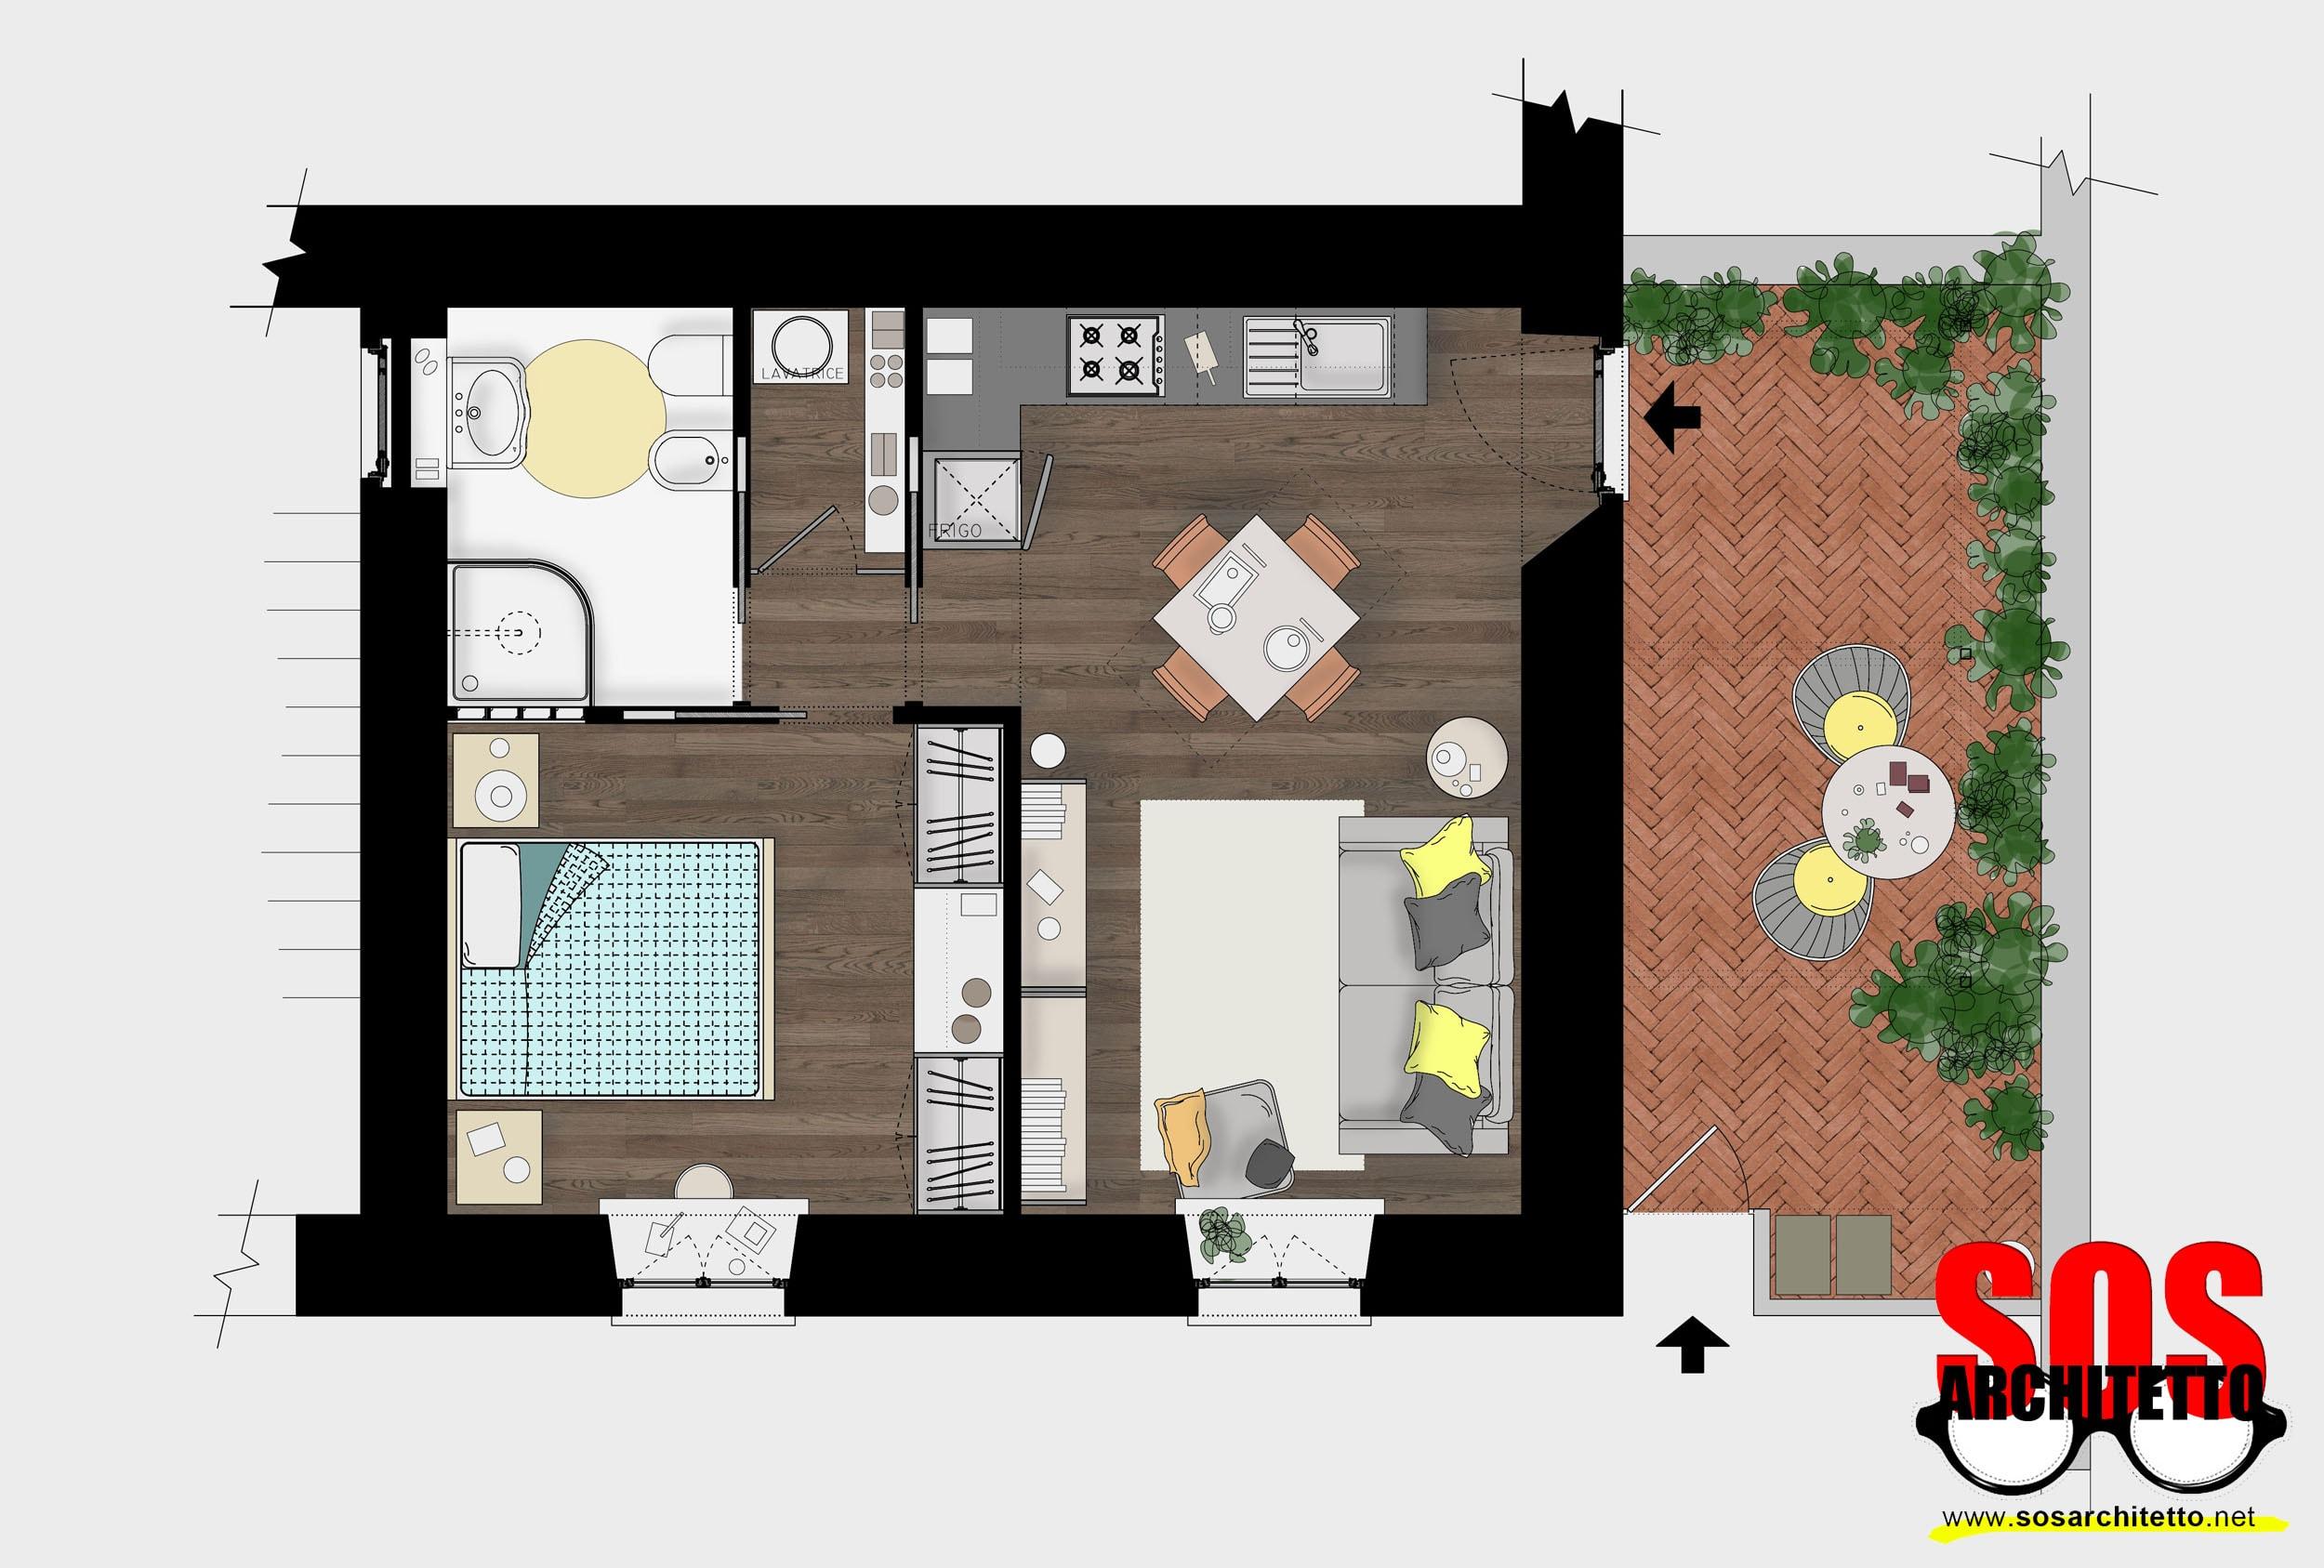 Progetto casa online soluzione alternativa with progetto for Progettare casa on line gratis